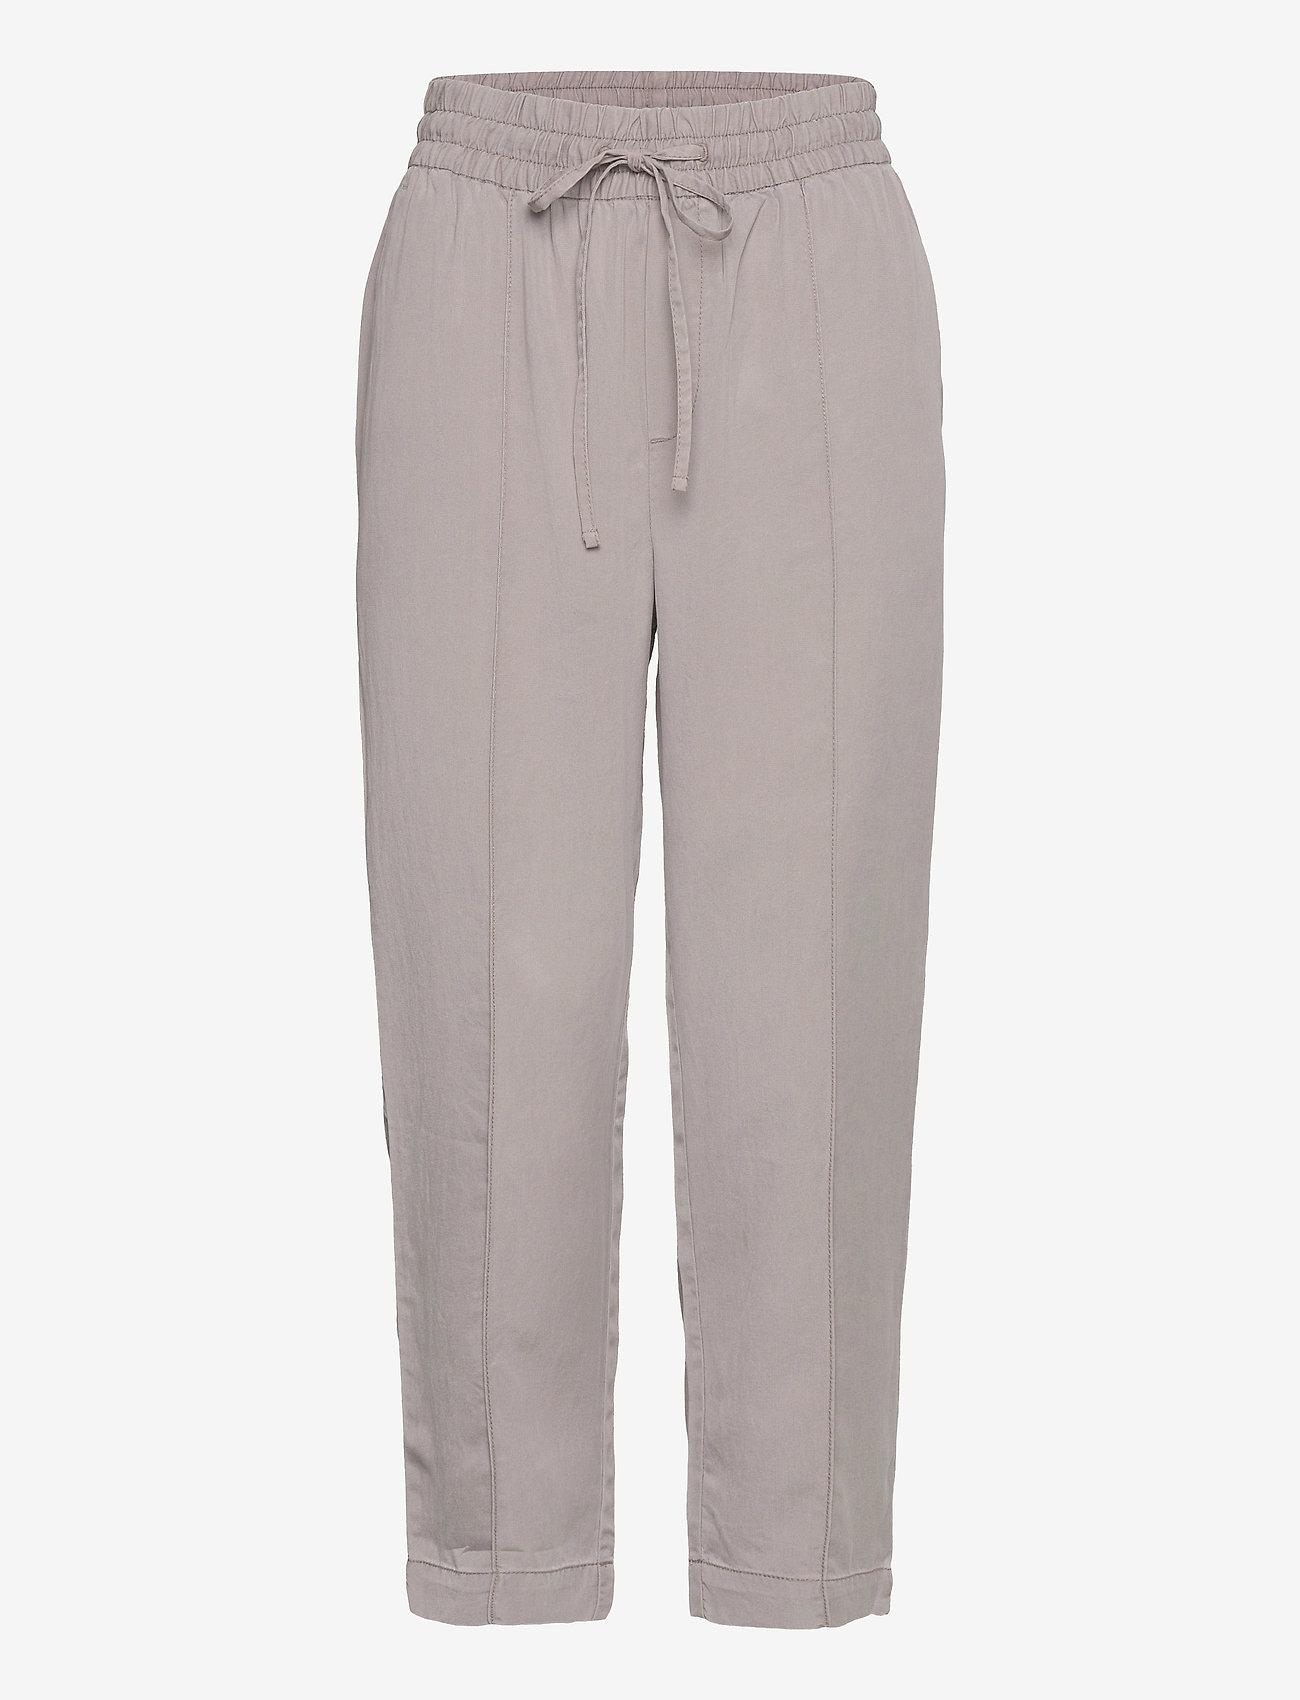 GAP - VERSATILE PULL-ON TENCEL JOGGER - vêtements - light taupe - 0